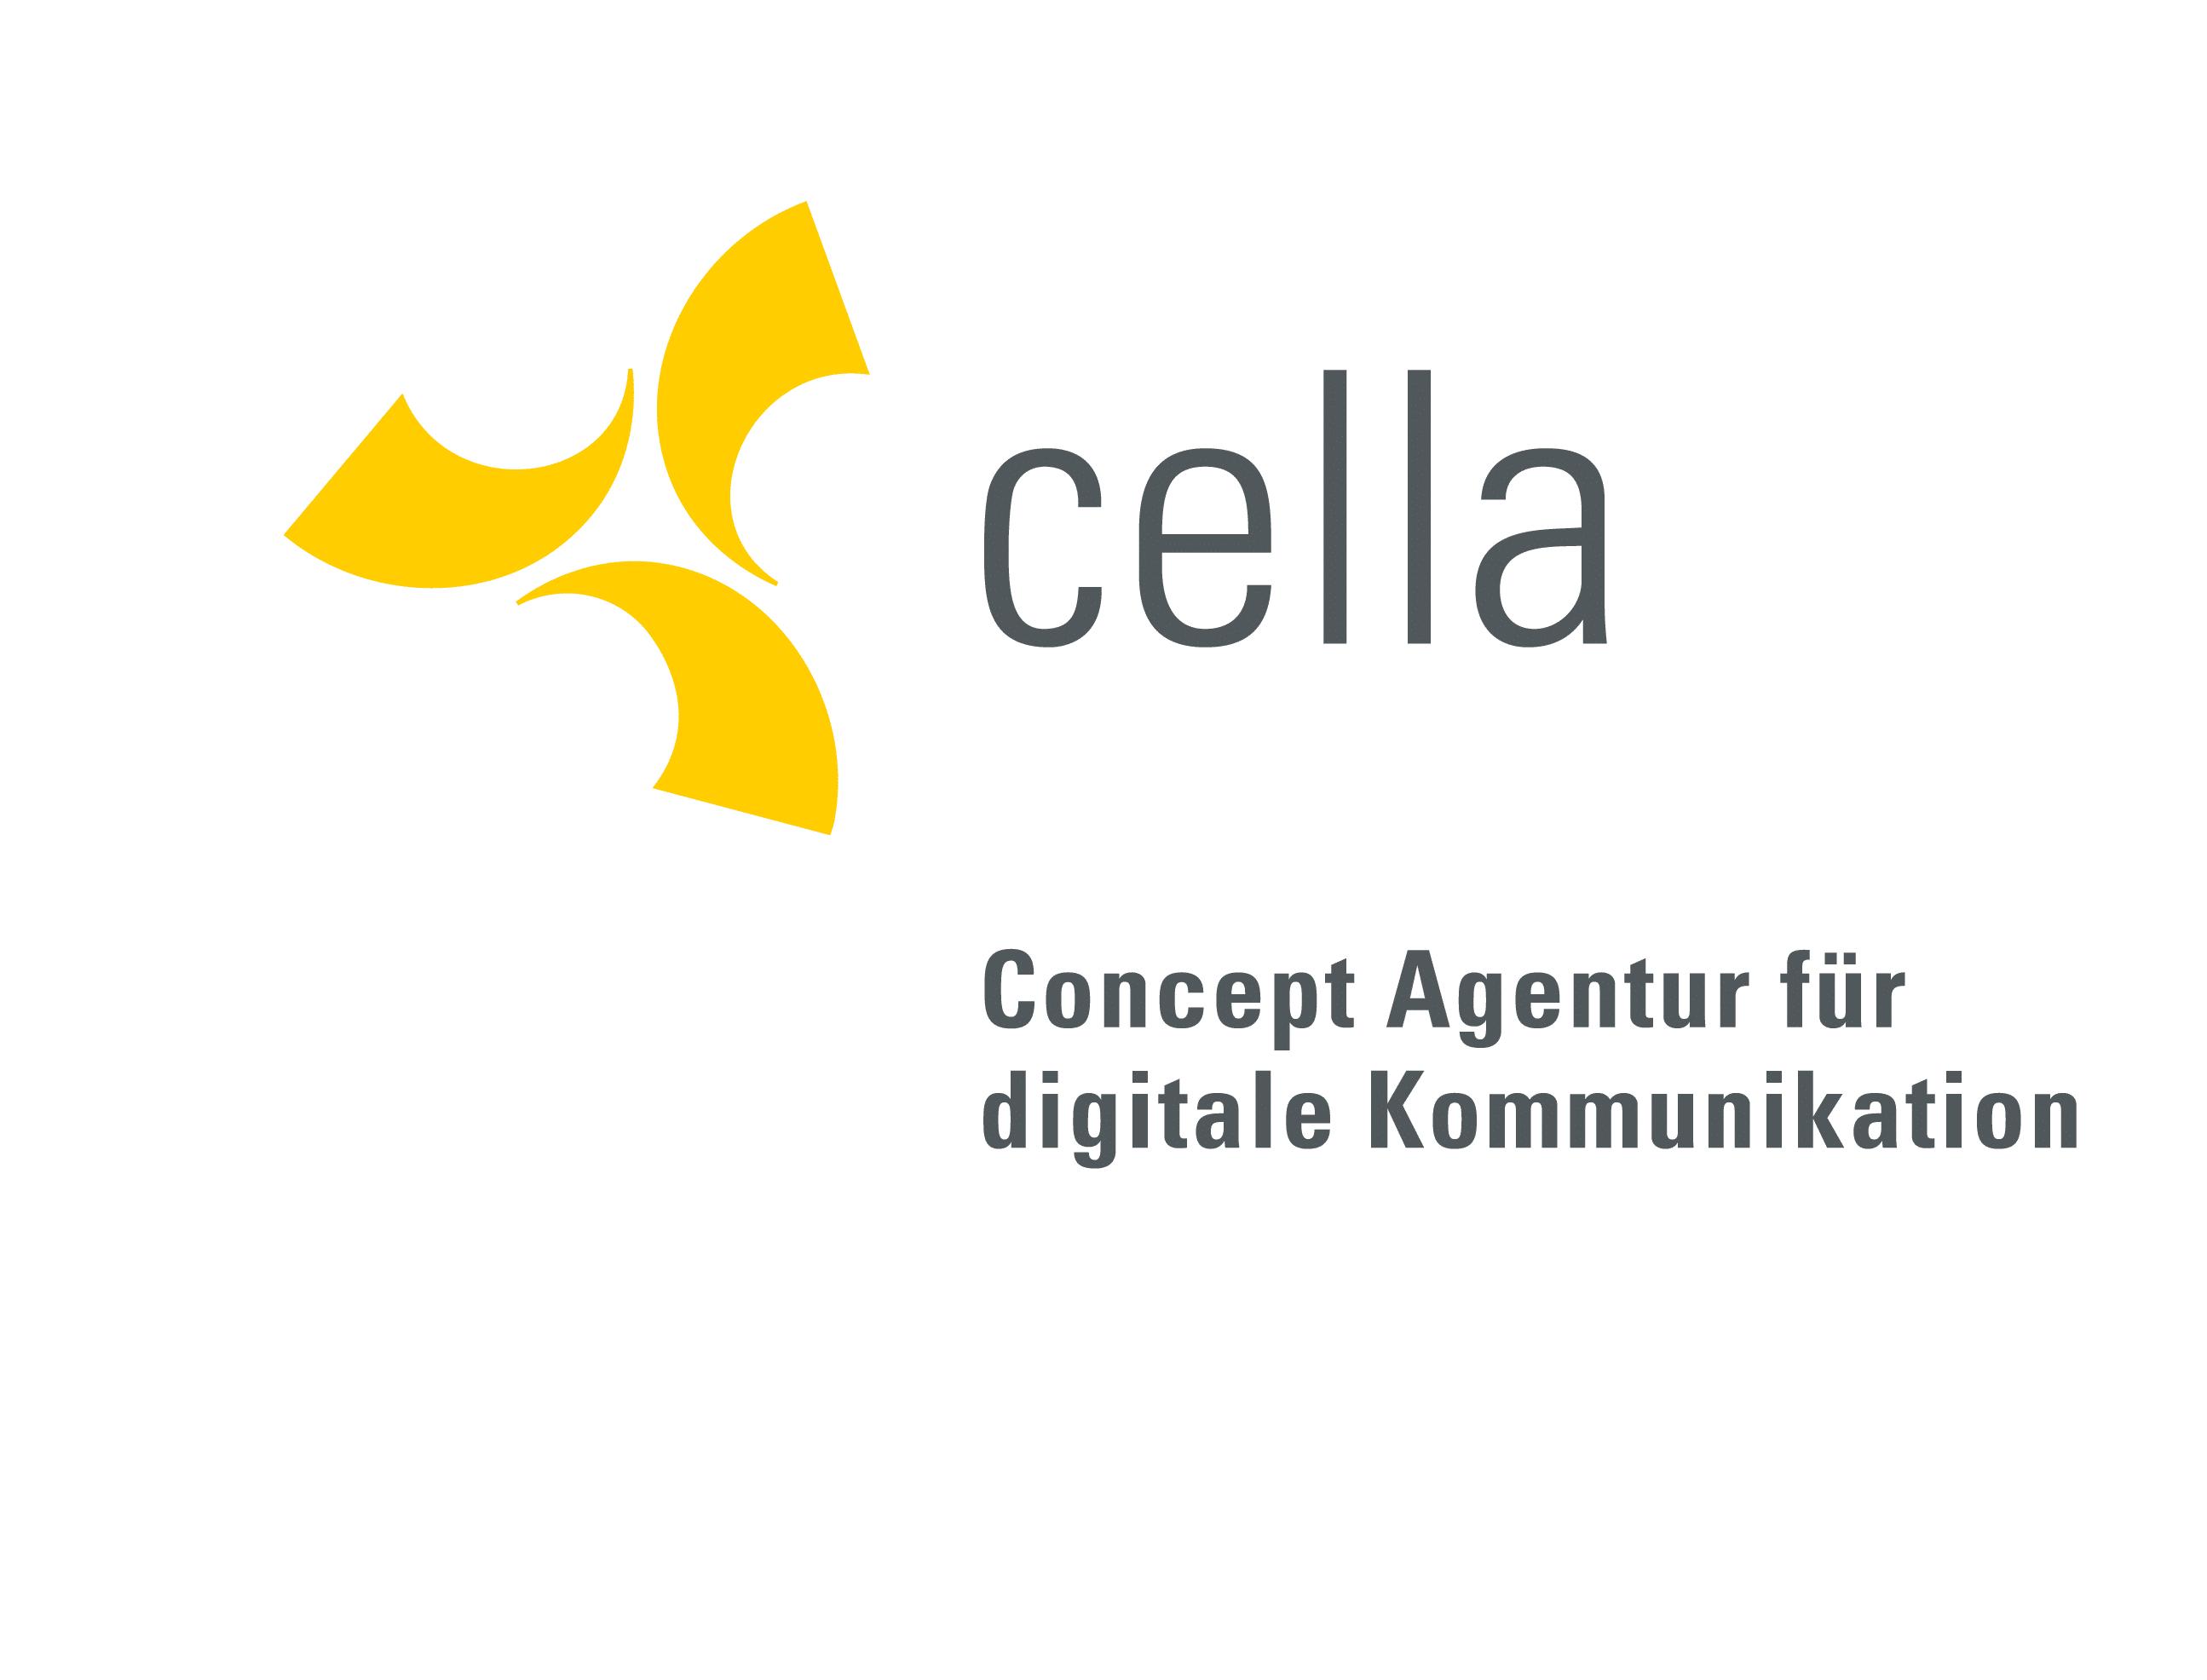 Concept Agentur